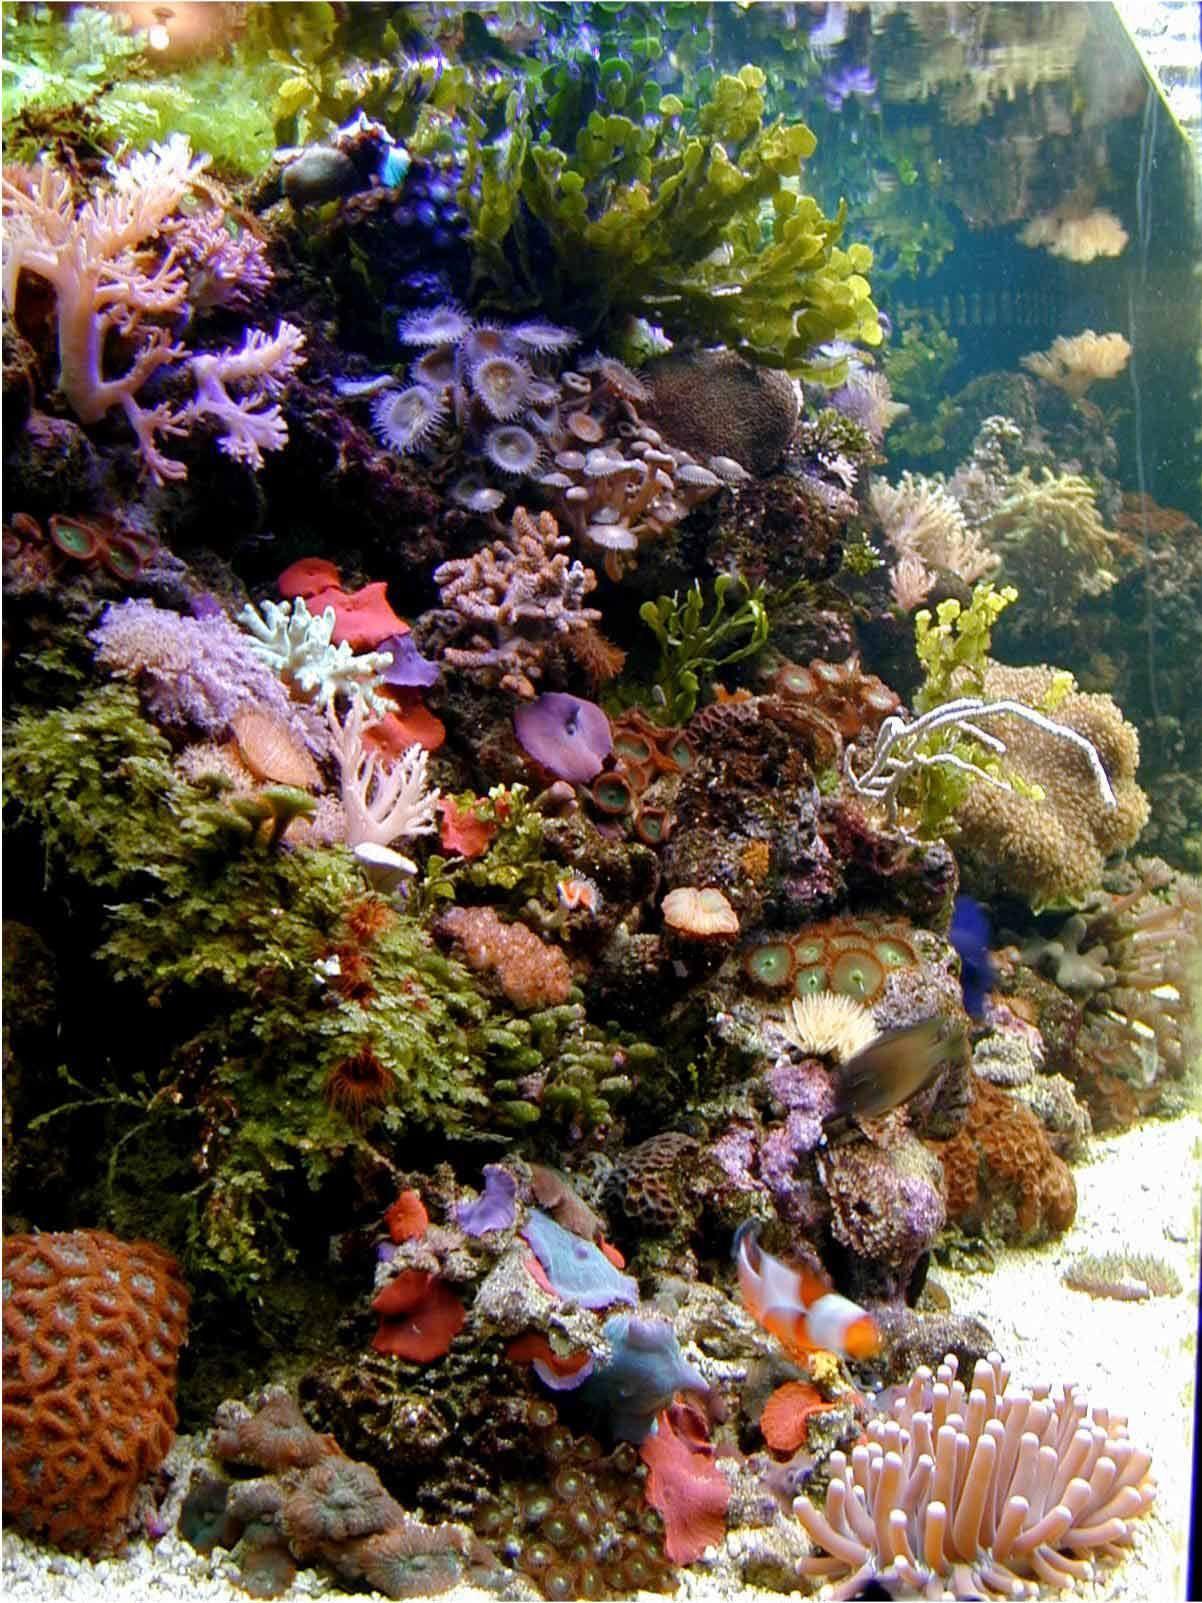 244d3512465f01ffa8fbef1bde45662c Frais De Aquarium A tortue Concept